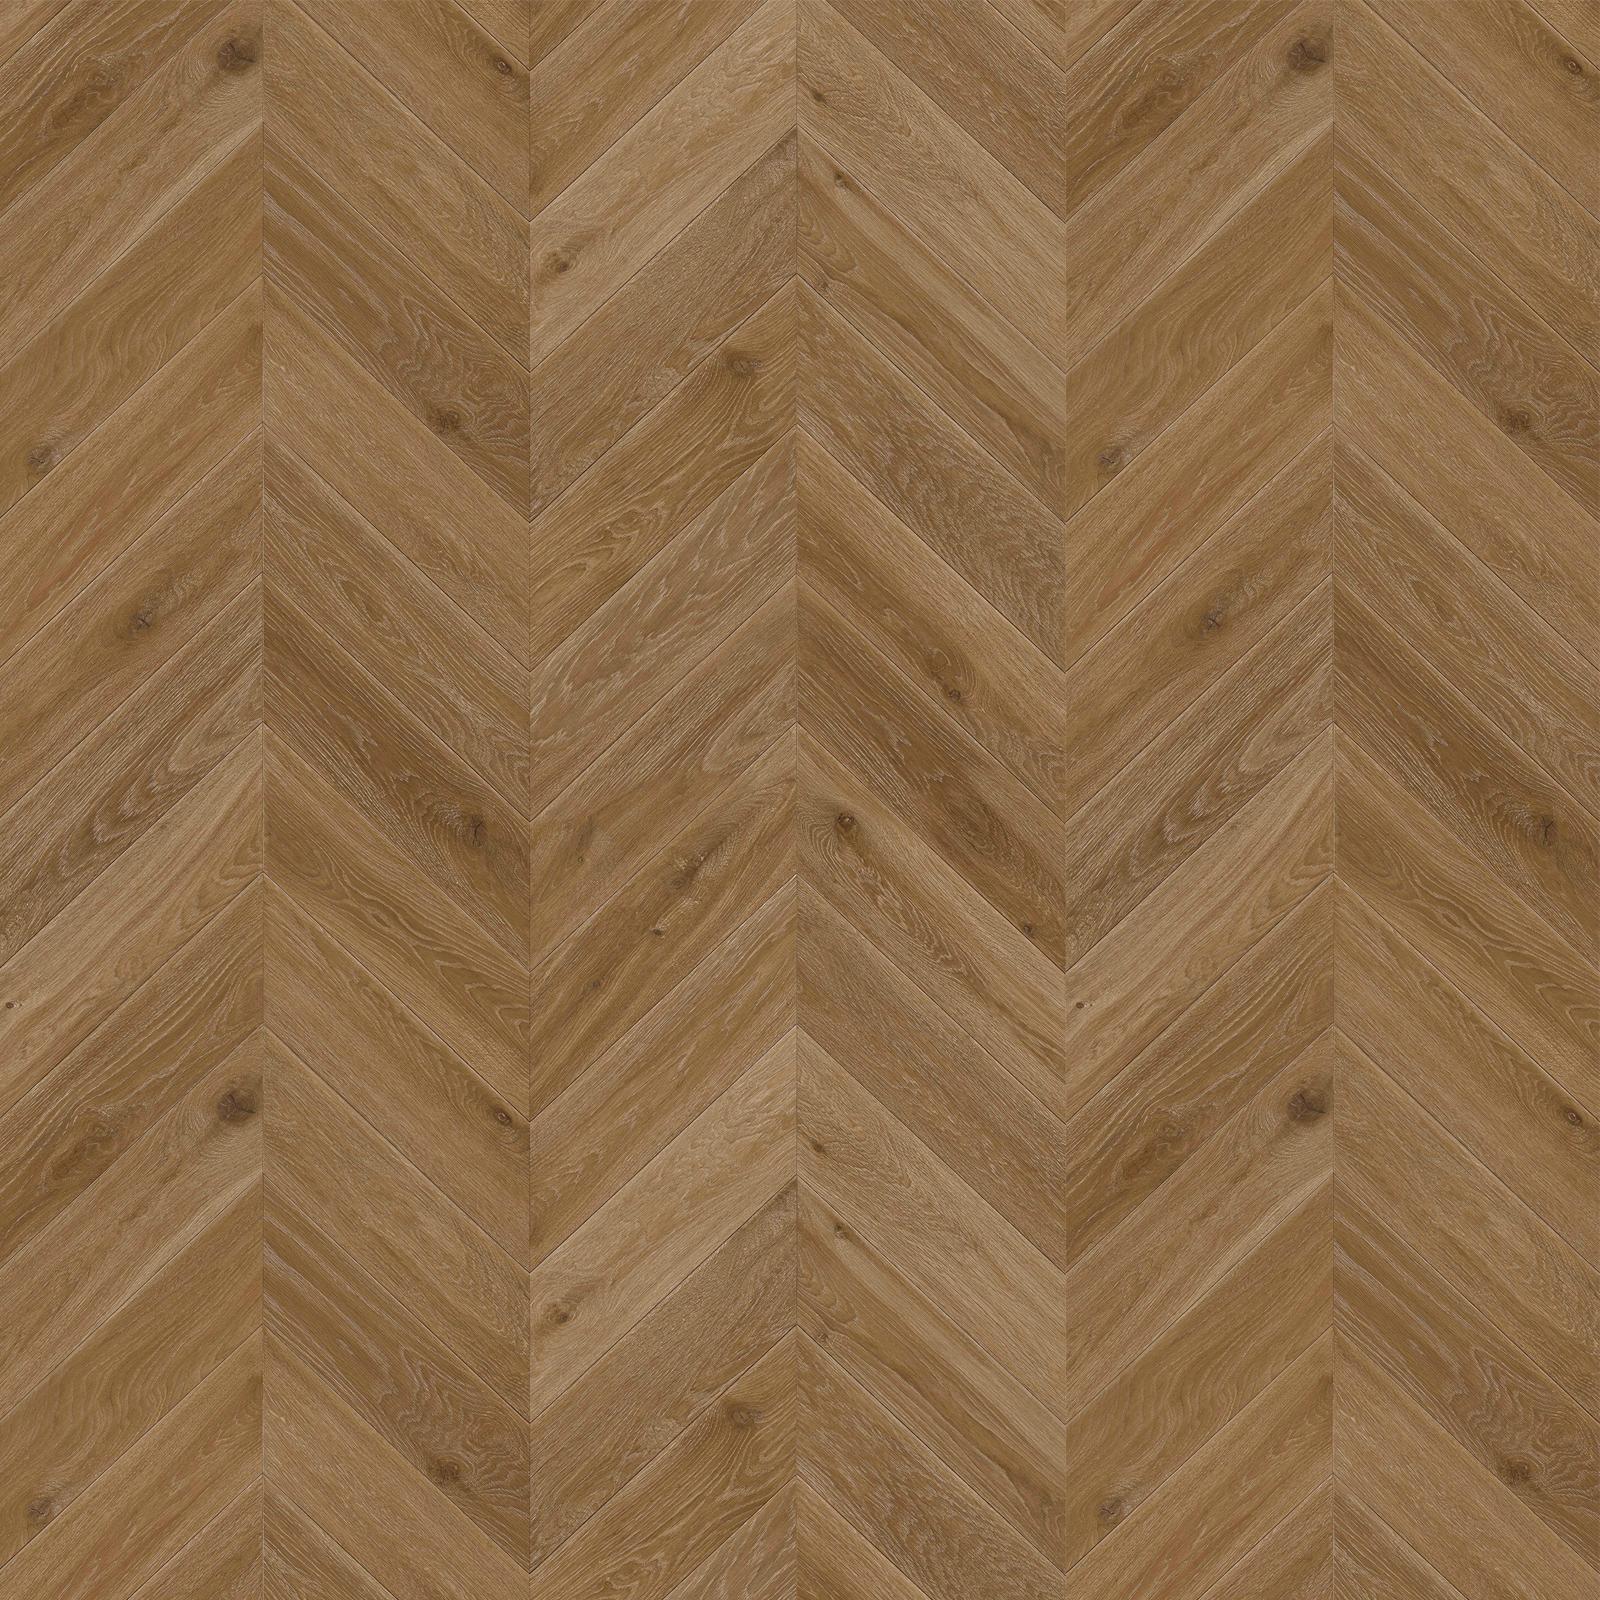 HanWood Design 8mm 2.2sqm Elegance Chevron Laminate Flooring